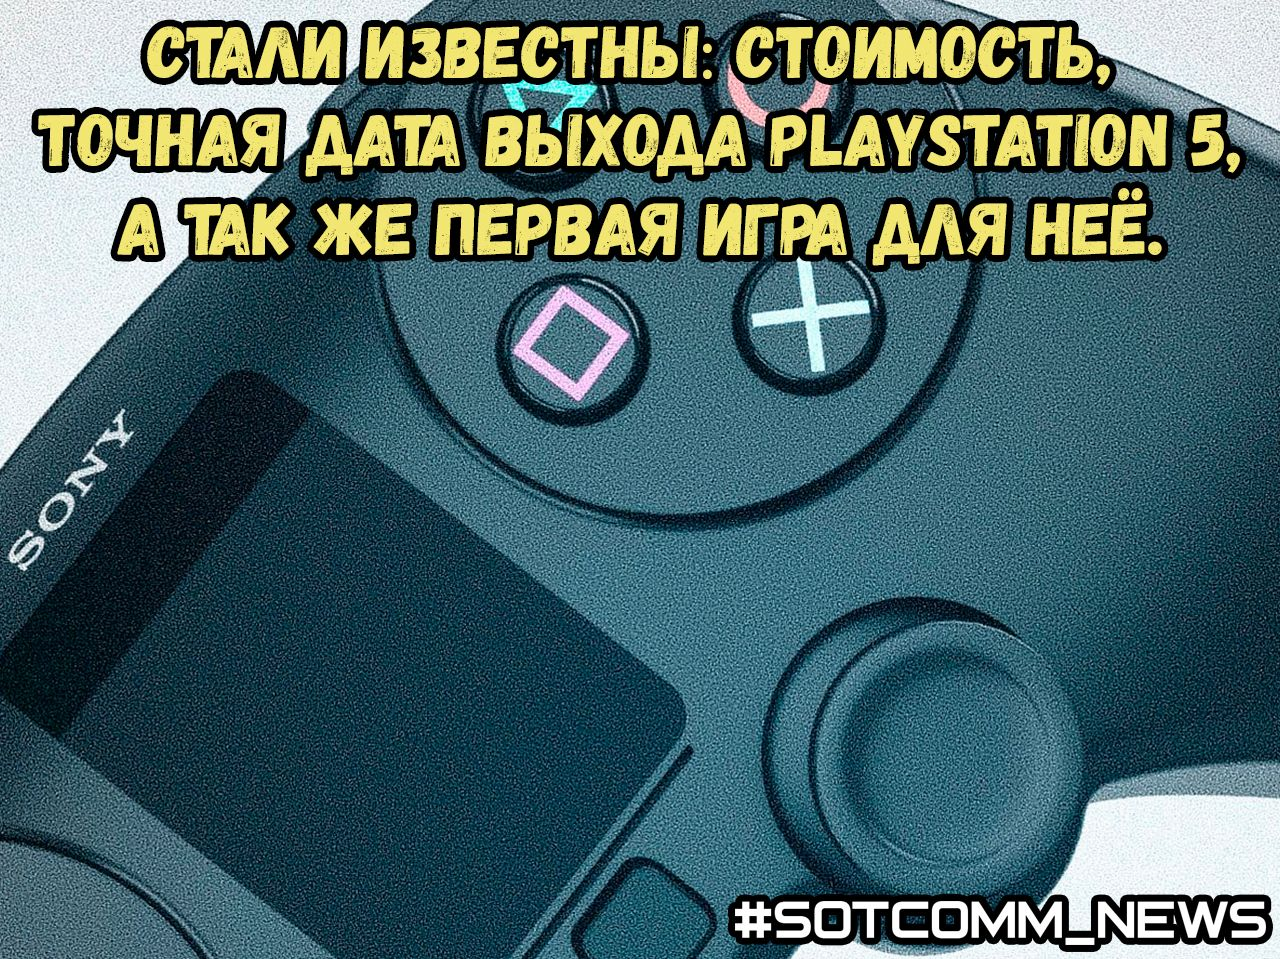 Стали известны стоимость и точная дата выхода PlayStation 5, а так же первая игра для неё.